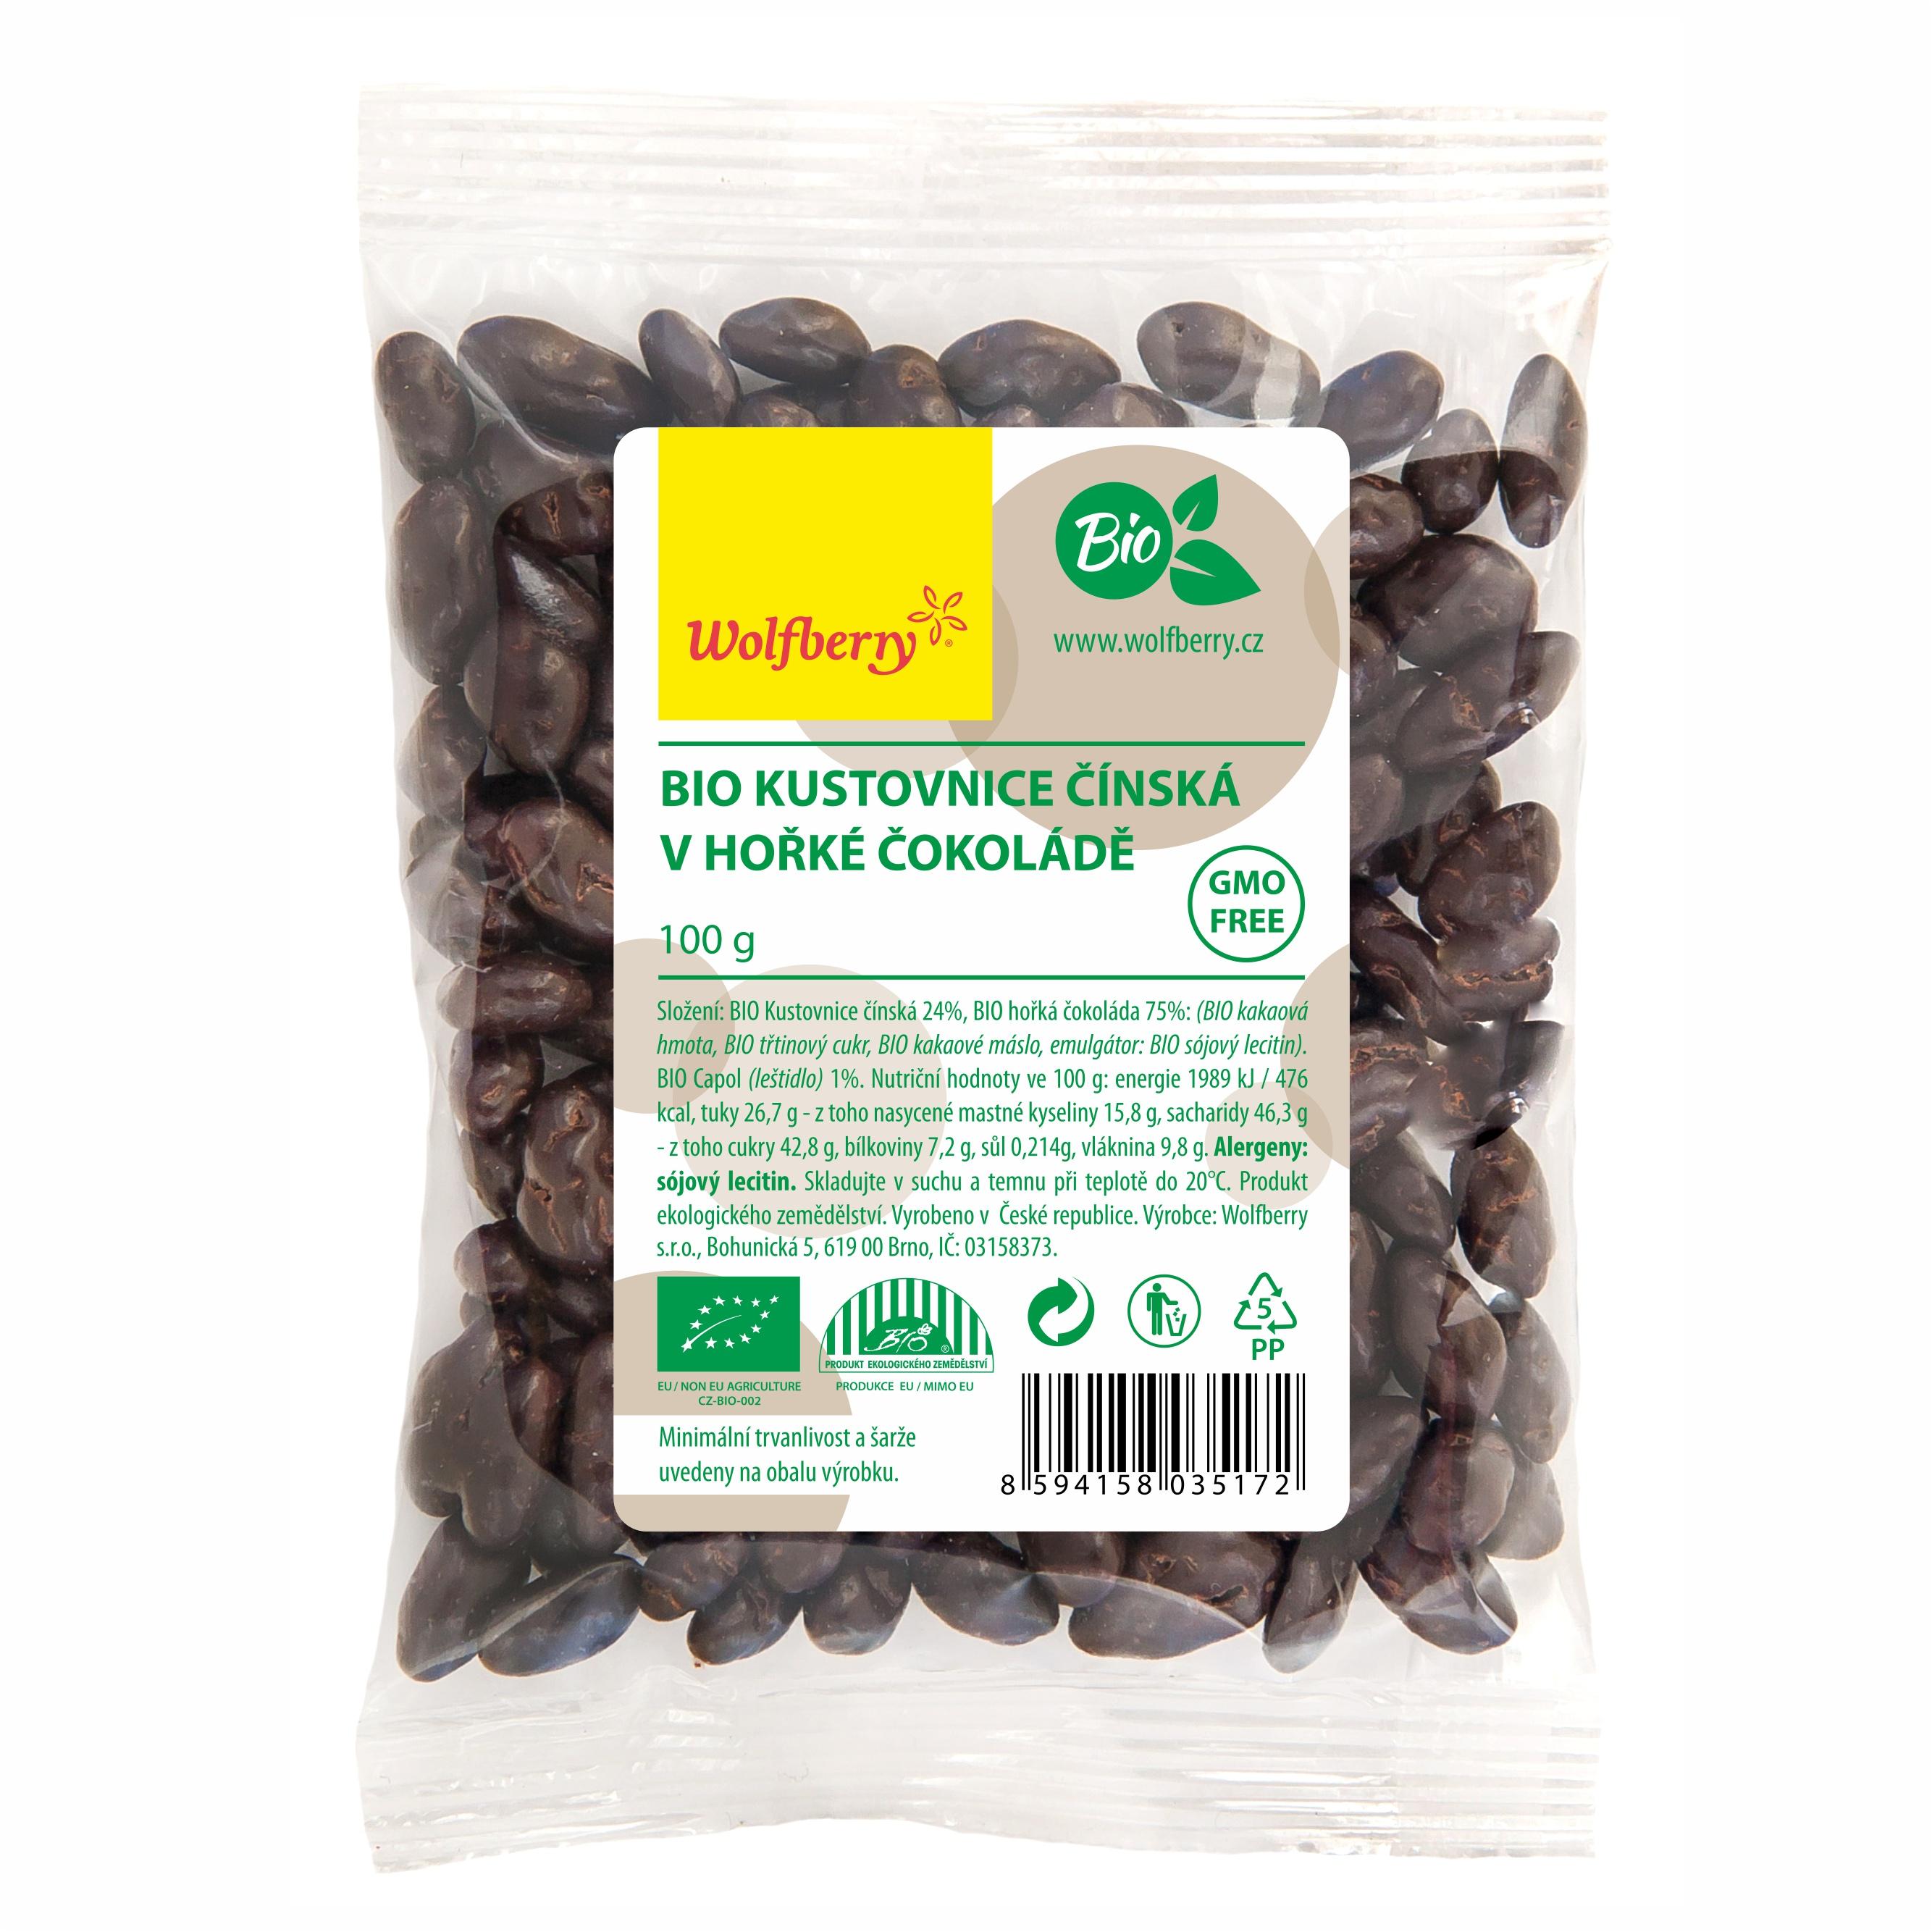 Wolfberry WF AKCIA SPOTREBA: 31.10.2019 - Goji v horkej čokoláde BIO 100 g Wolfberry * 100 g